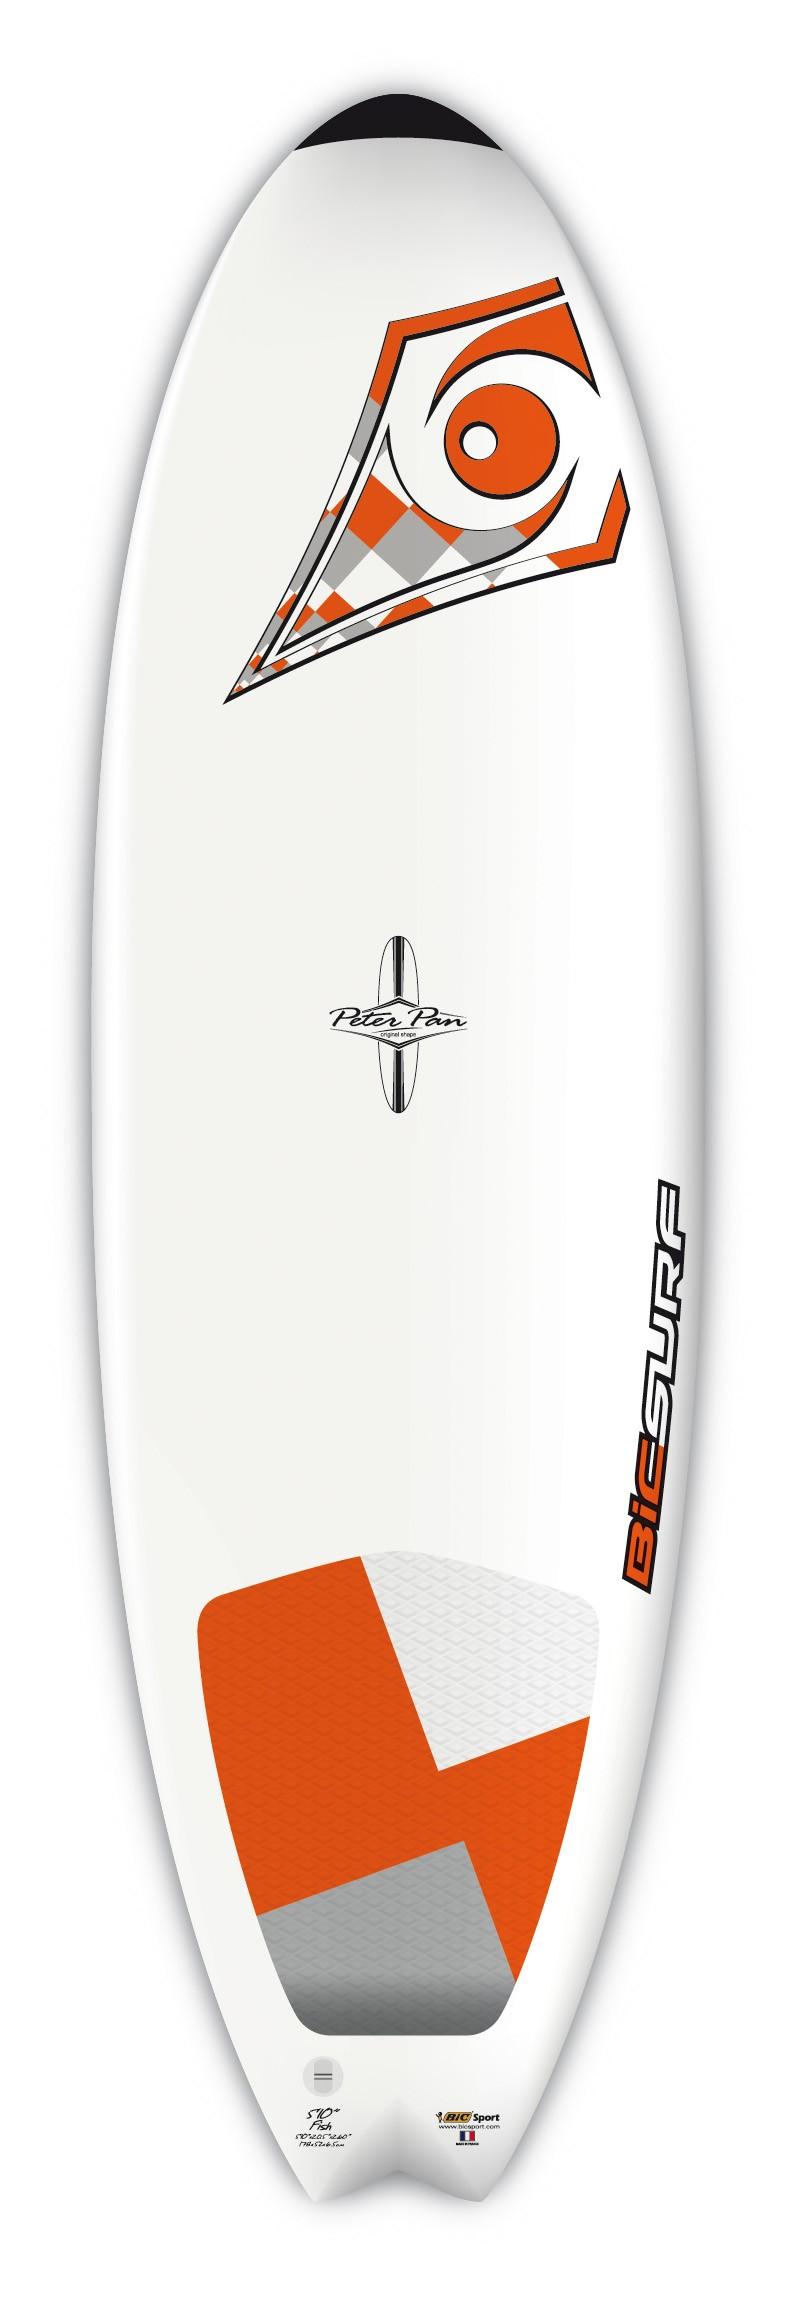 planche de surf bic 5 39 10 fish planche de surf d butant. Black Bedroom Furniture Sets. Home Design Ideas